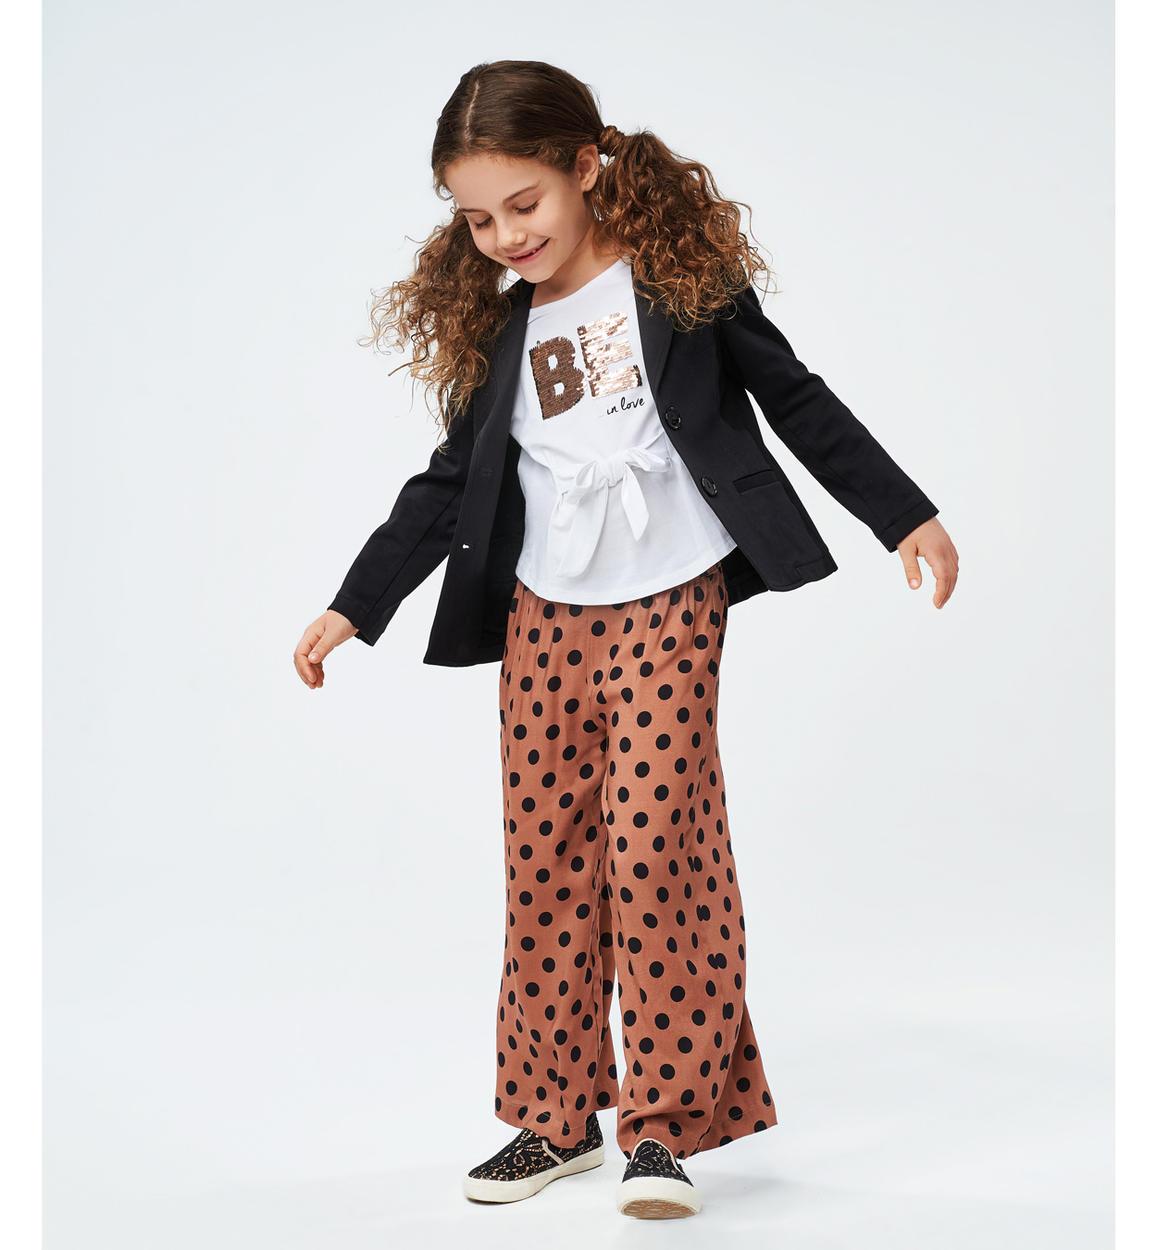 pantalone a palazzo con pois per bambina marrone dettaglio 04 2564j52300 6ml5 1 150x150